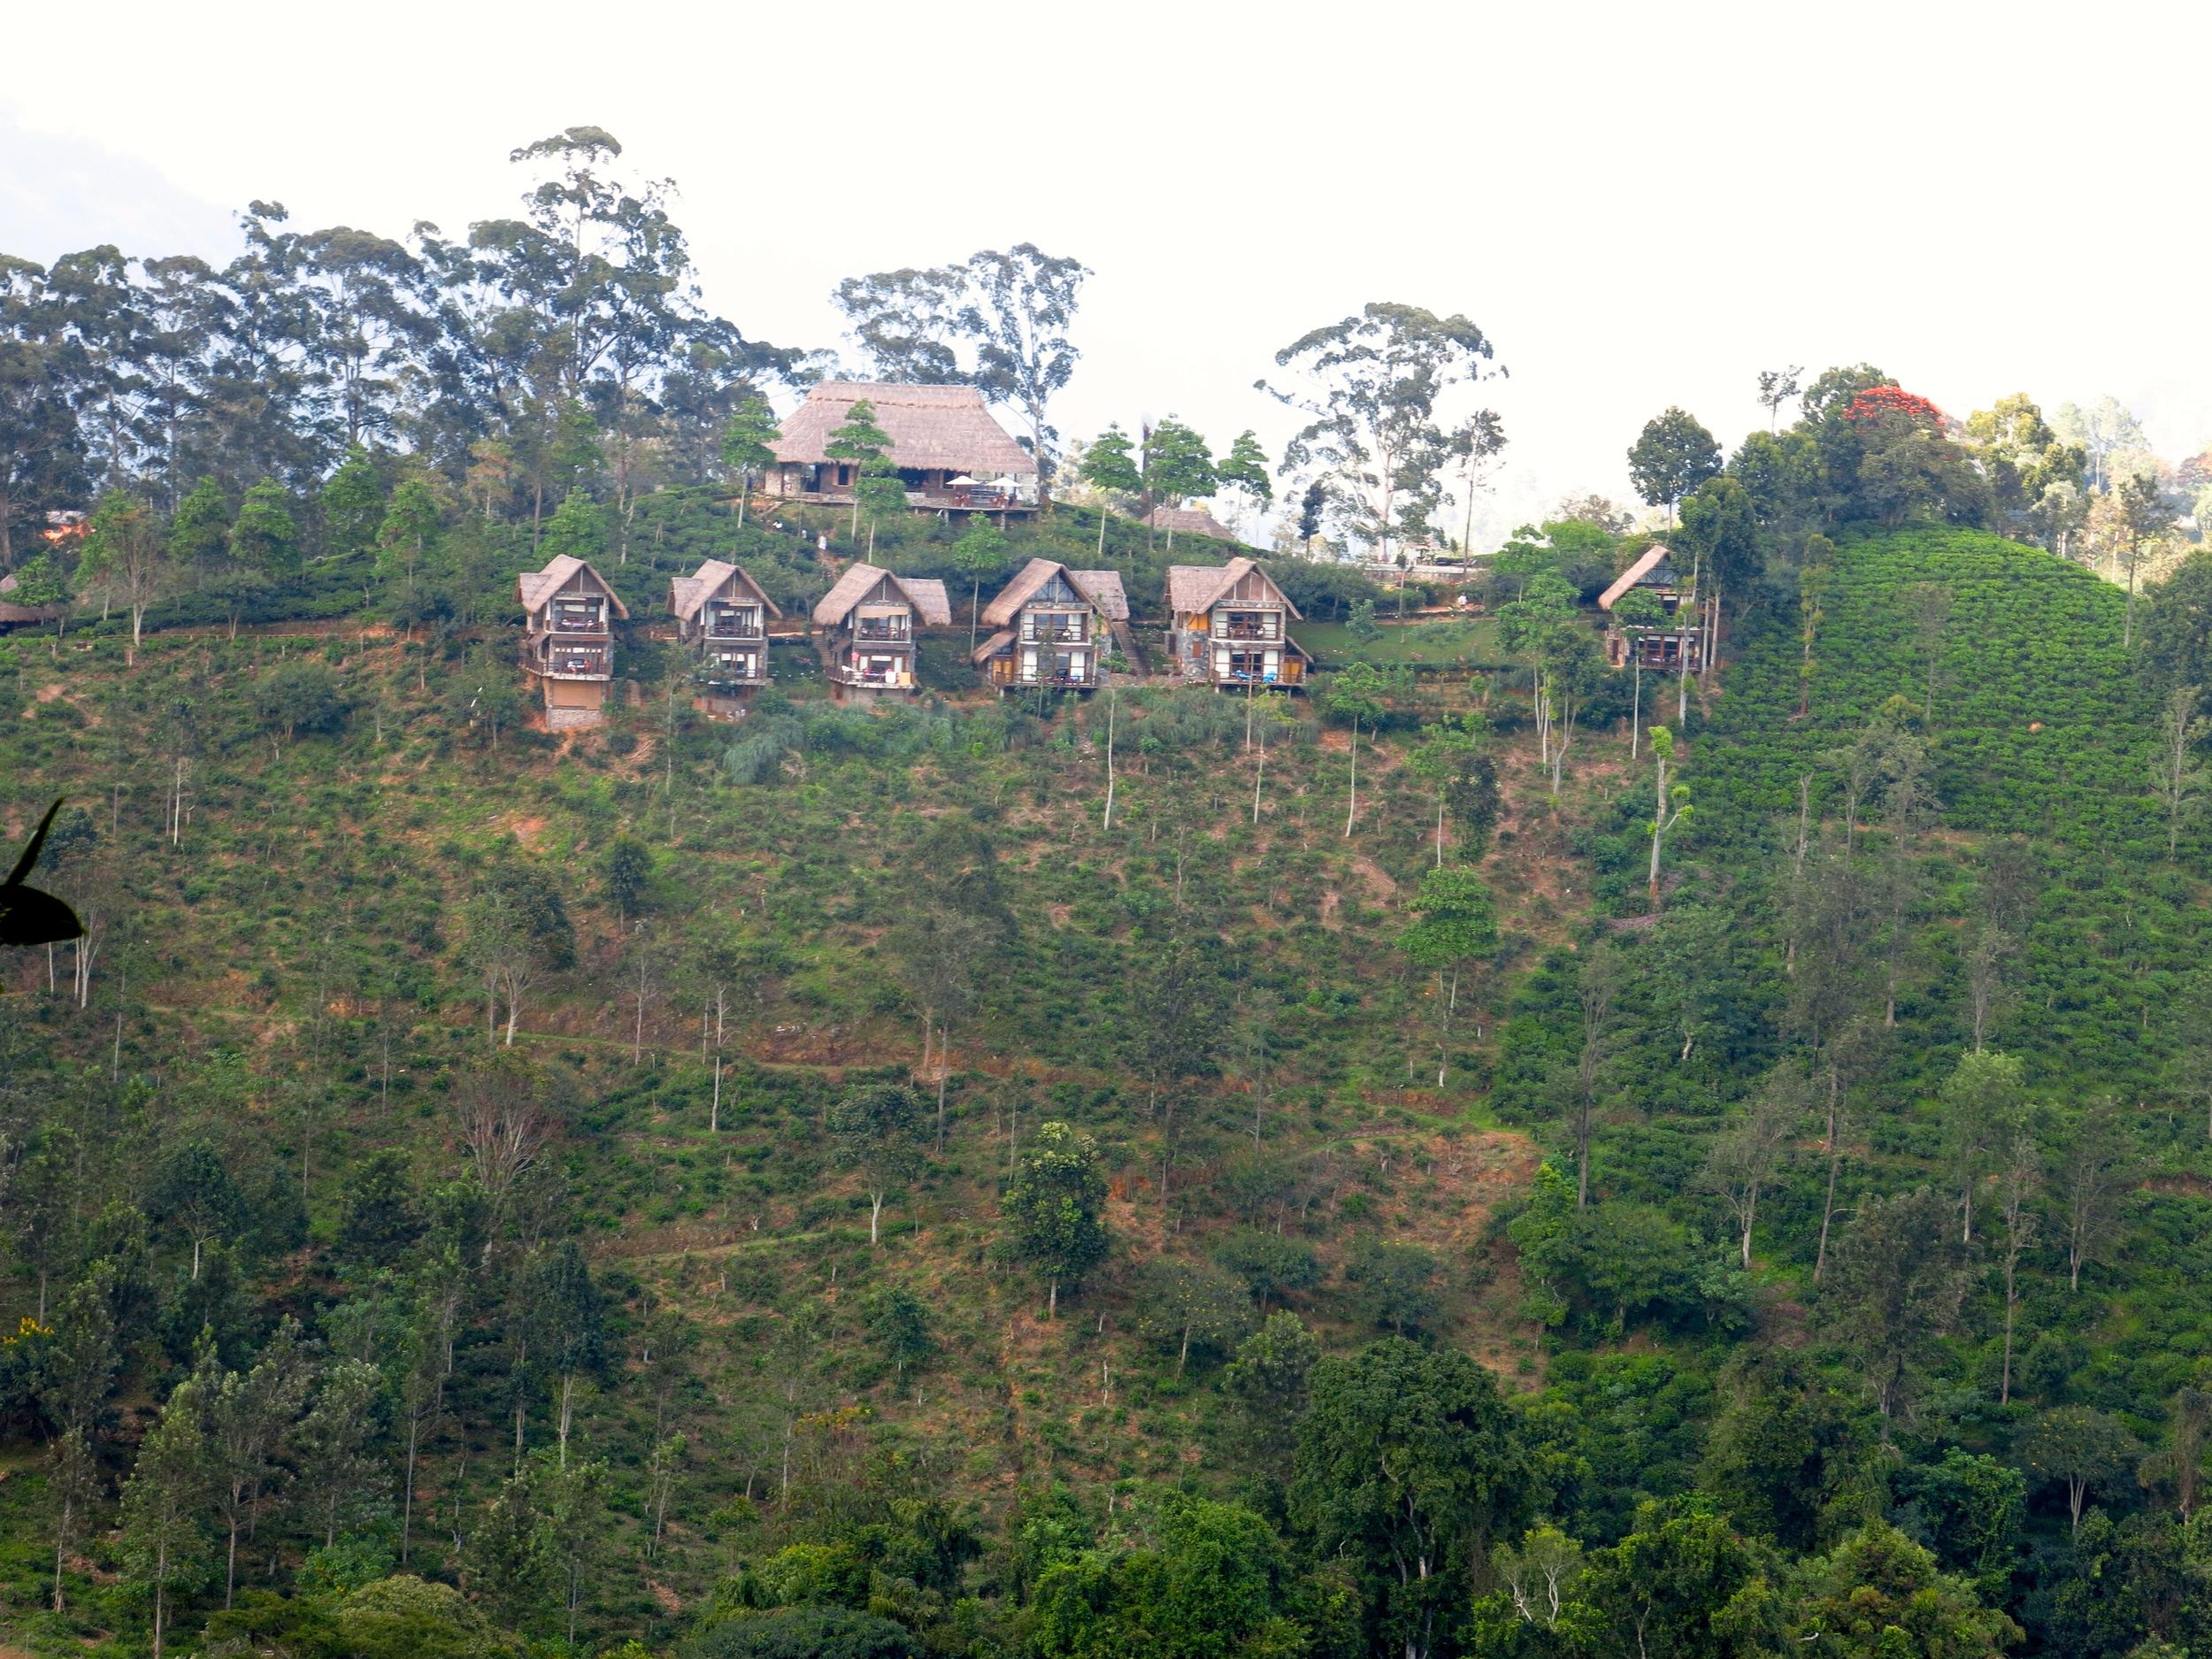 98 Acres Resort from the top of Little Adam's Peak